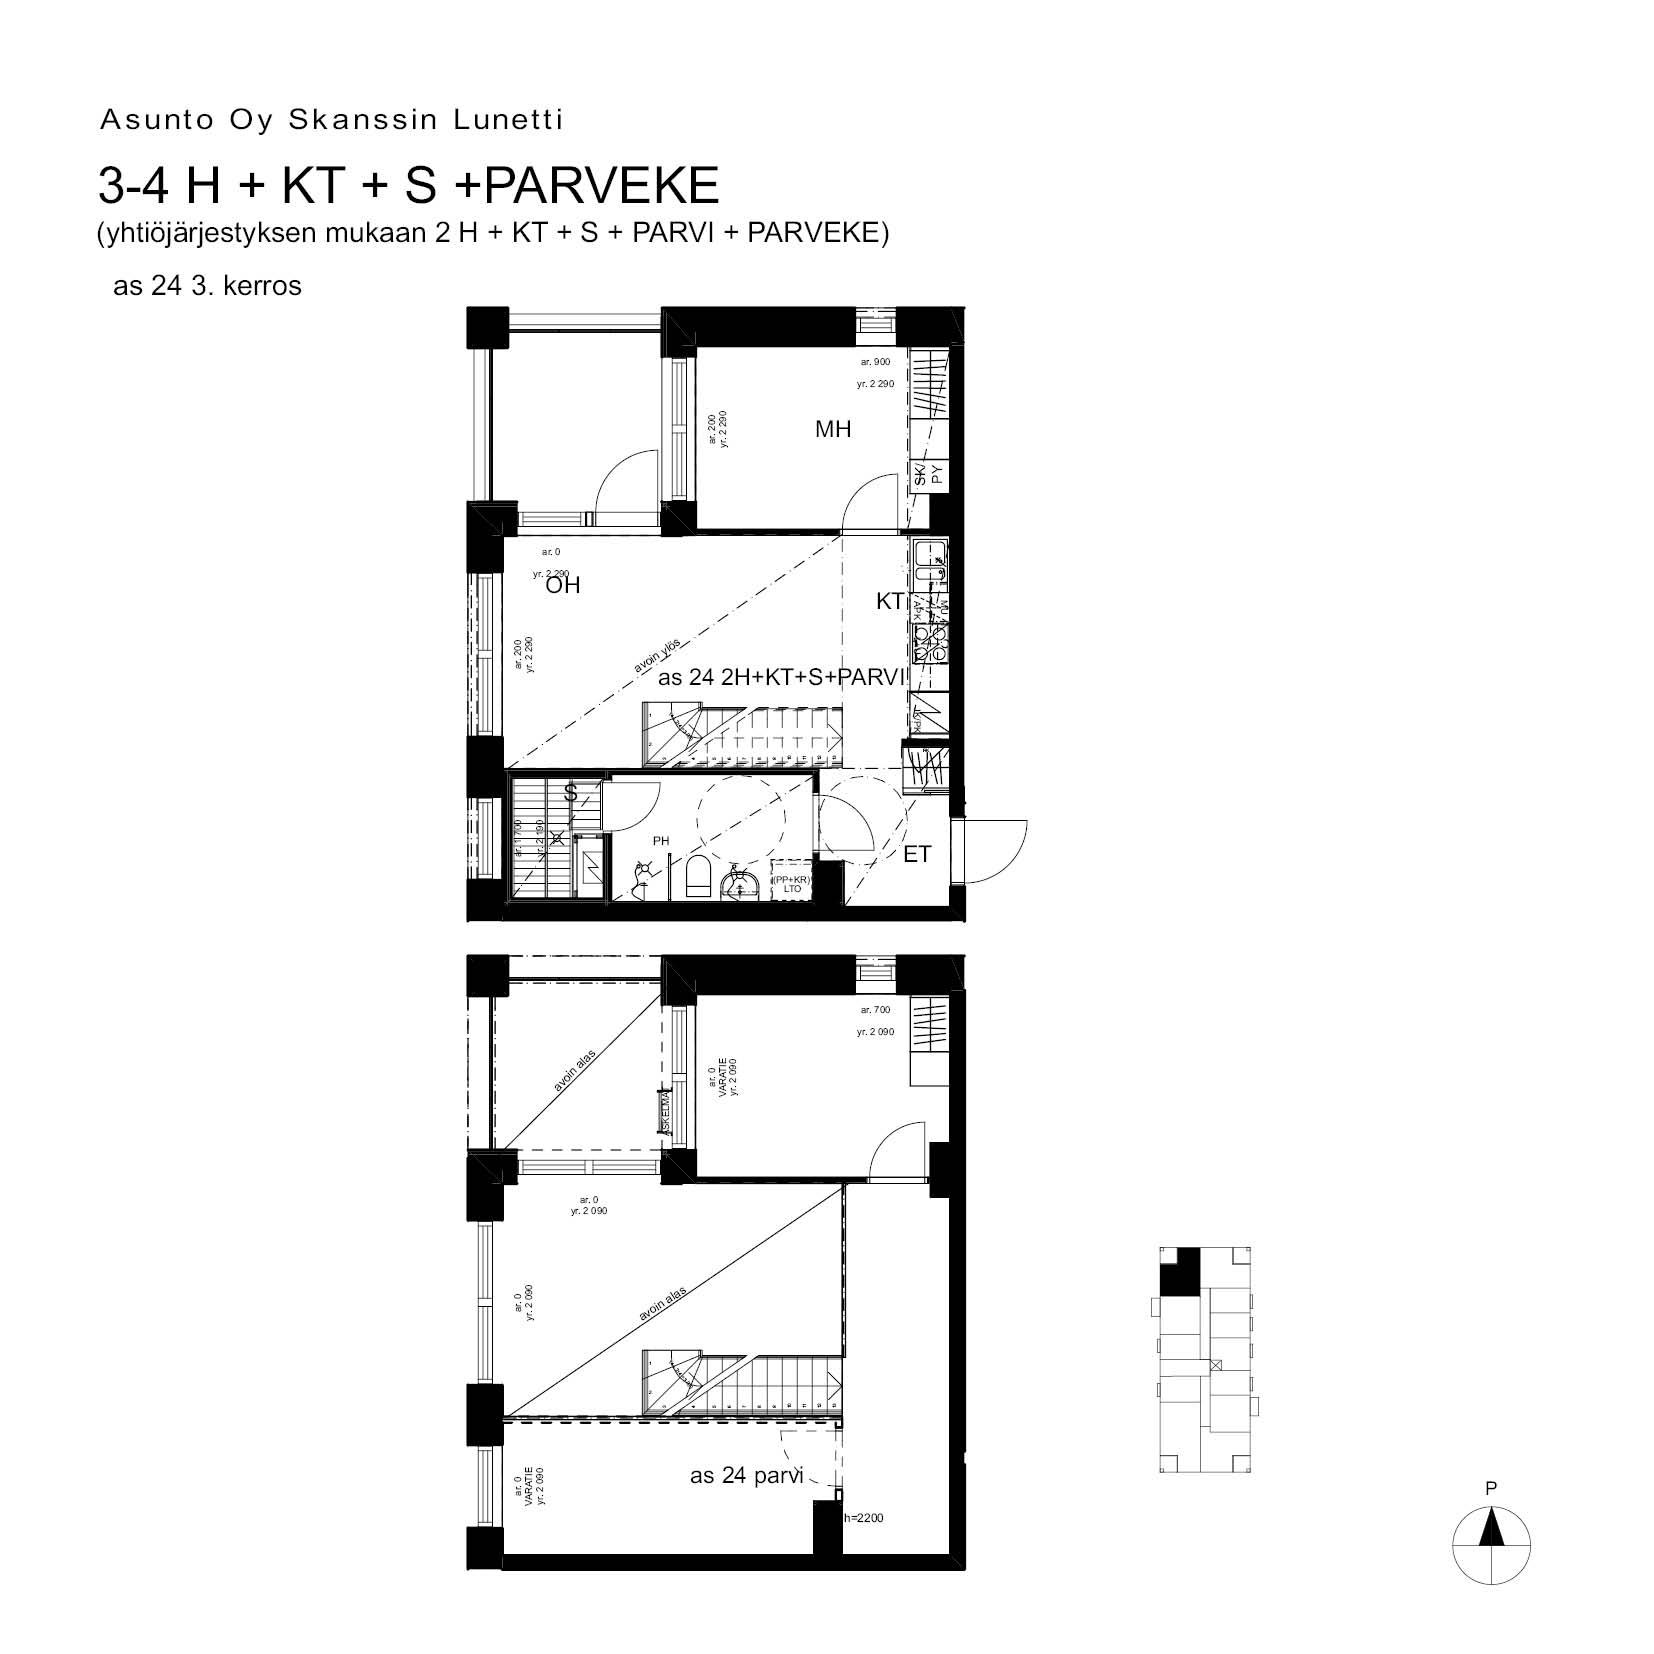 A24, 75.0 m<sup>2</sup>, 2H+KT+S+PARVI+parveke